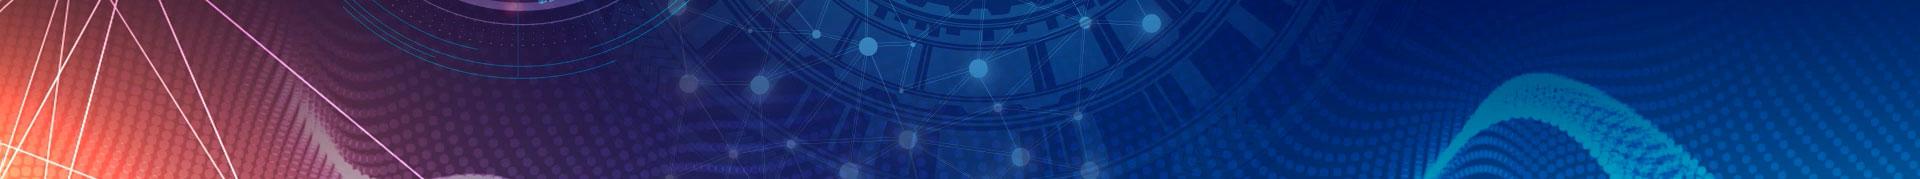 2019第三届世界智能大会